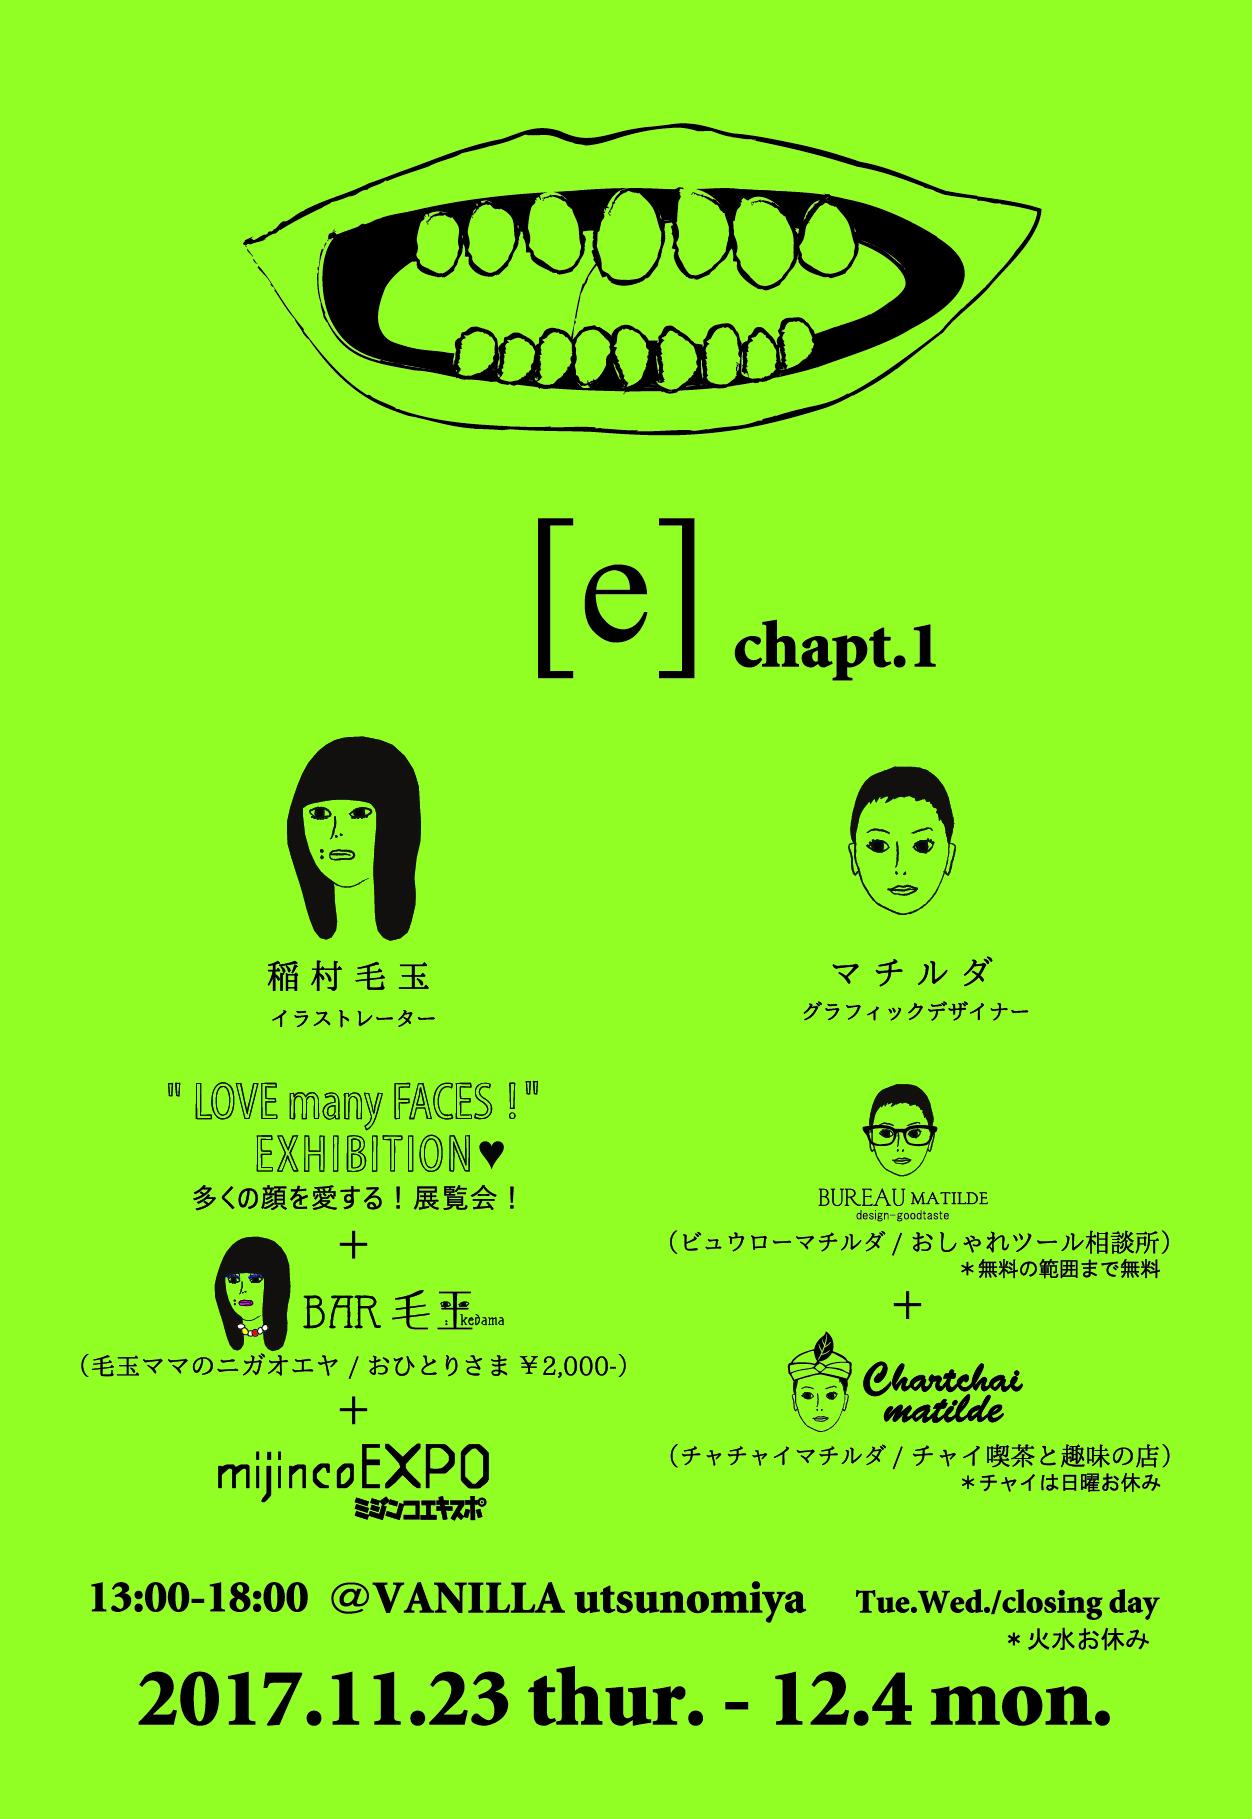 デザインイベント[e]chapt.1  開催のお知らせ